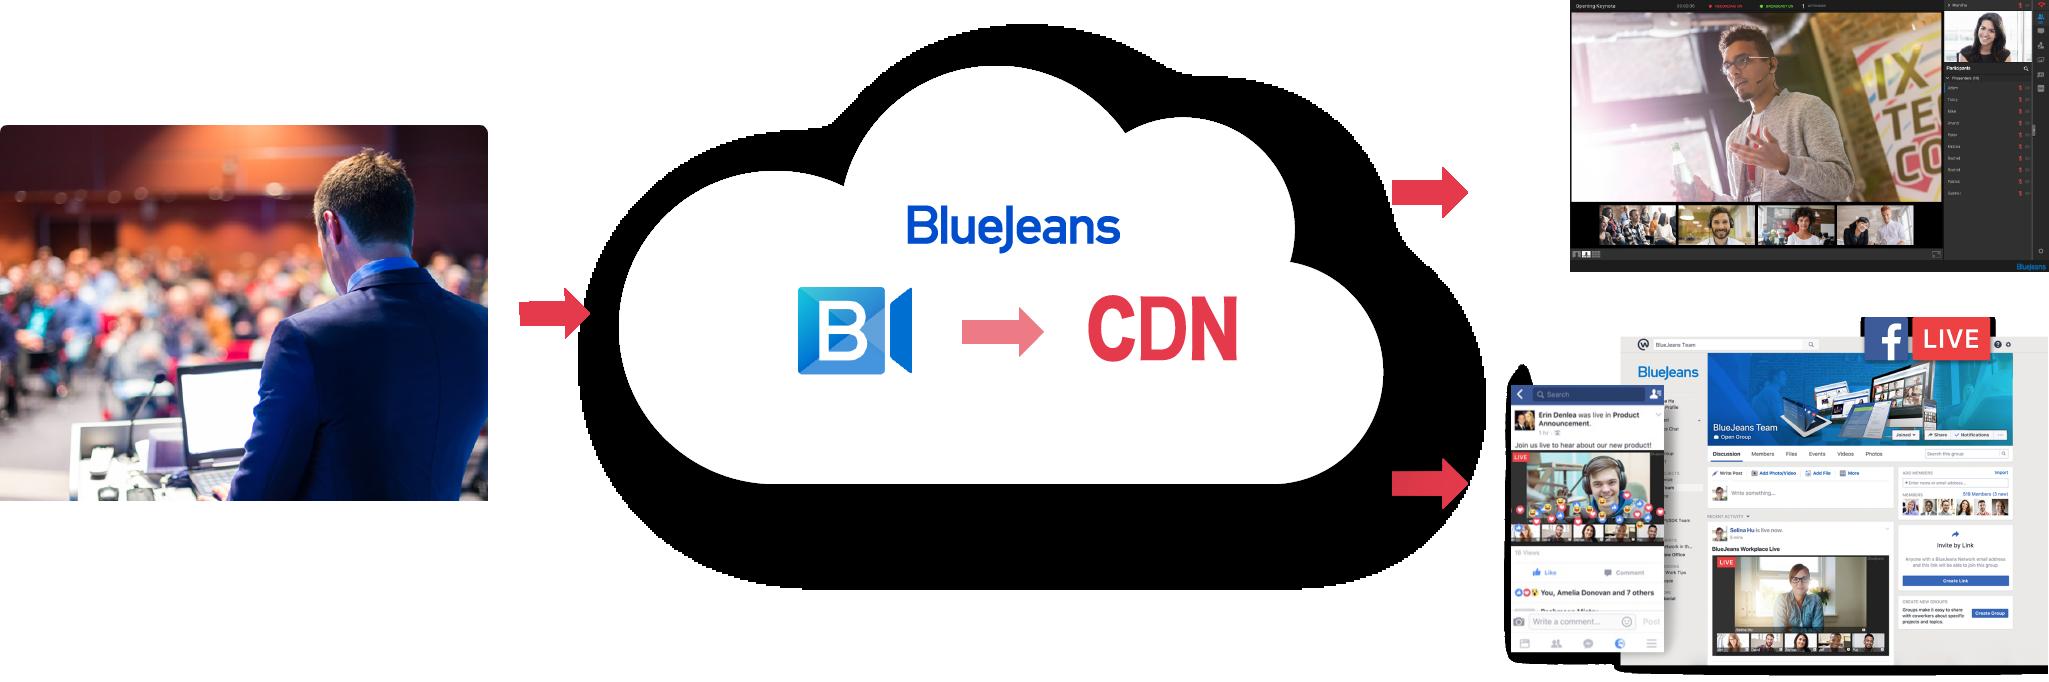 BlueJeans 大規模オンラインイベントサービスの図